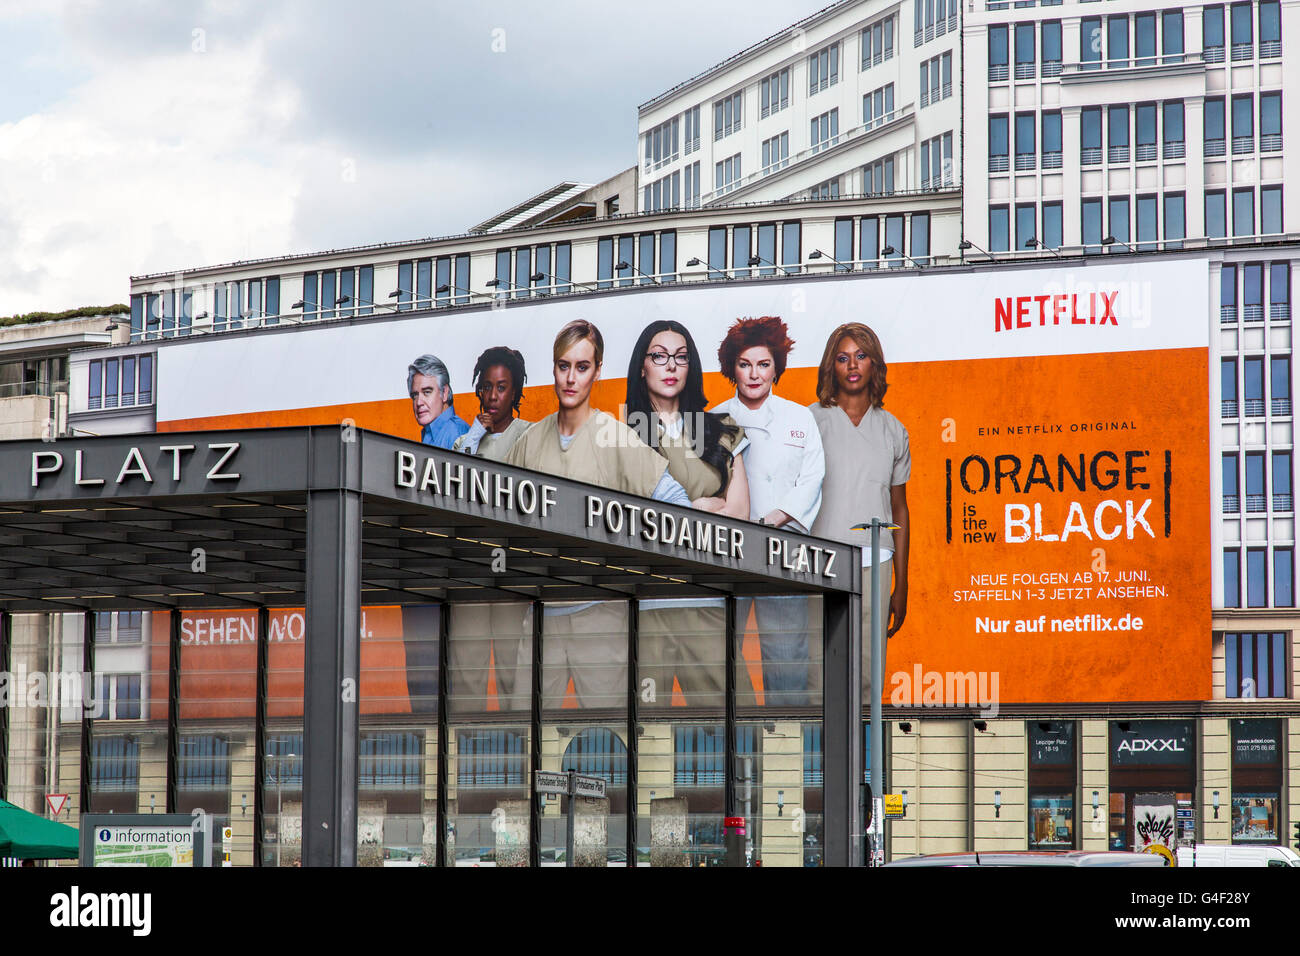 Grand panneau publicitaire sur un immeuble à la Potsdamer Platz à Berlin, pour la chaîne payante, Photo Stock